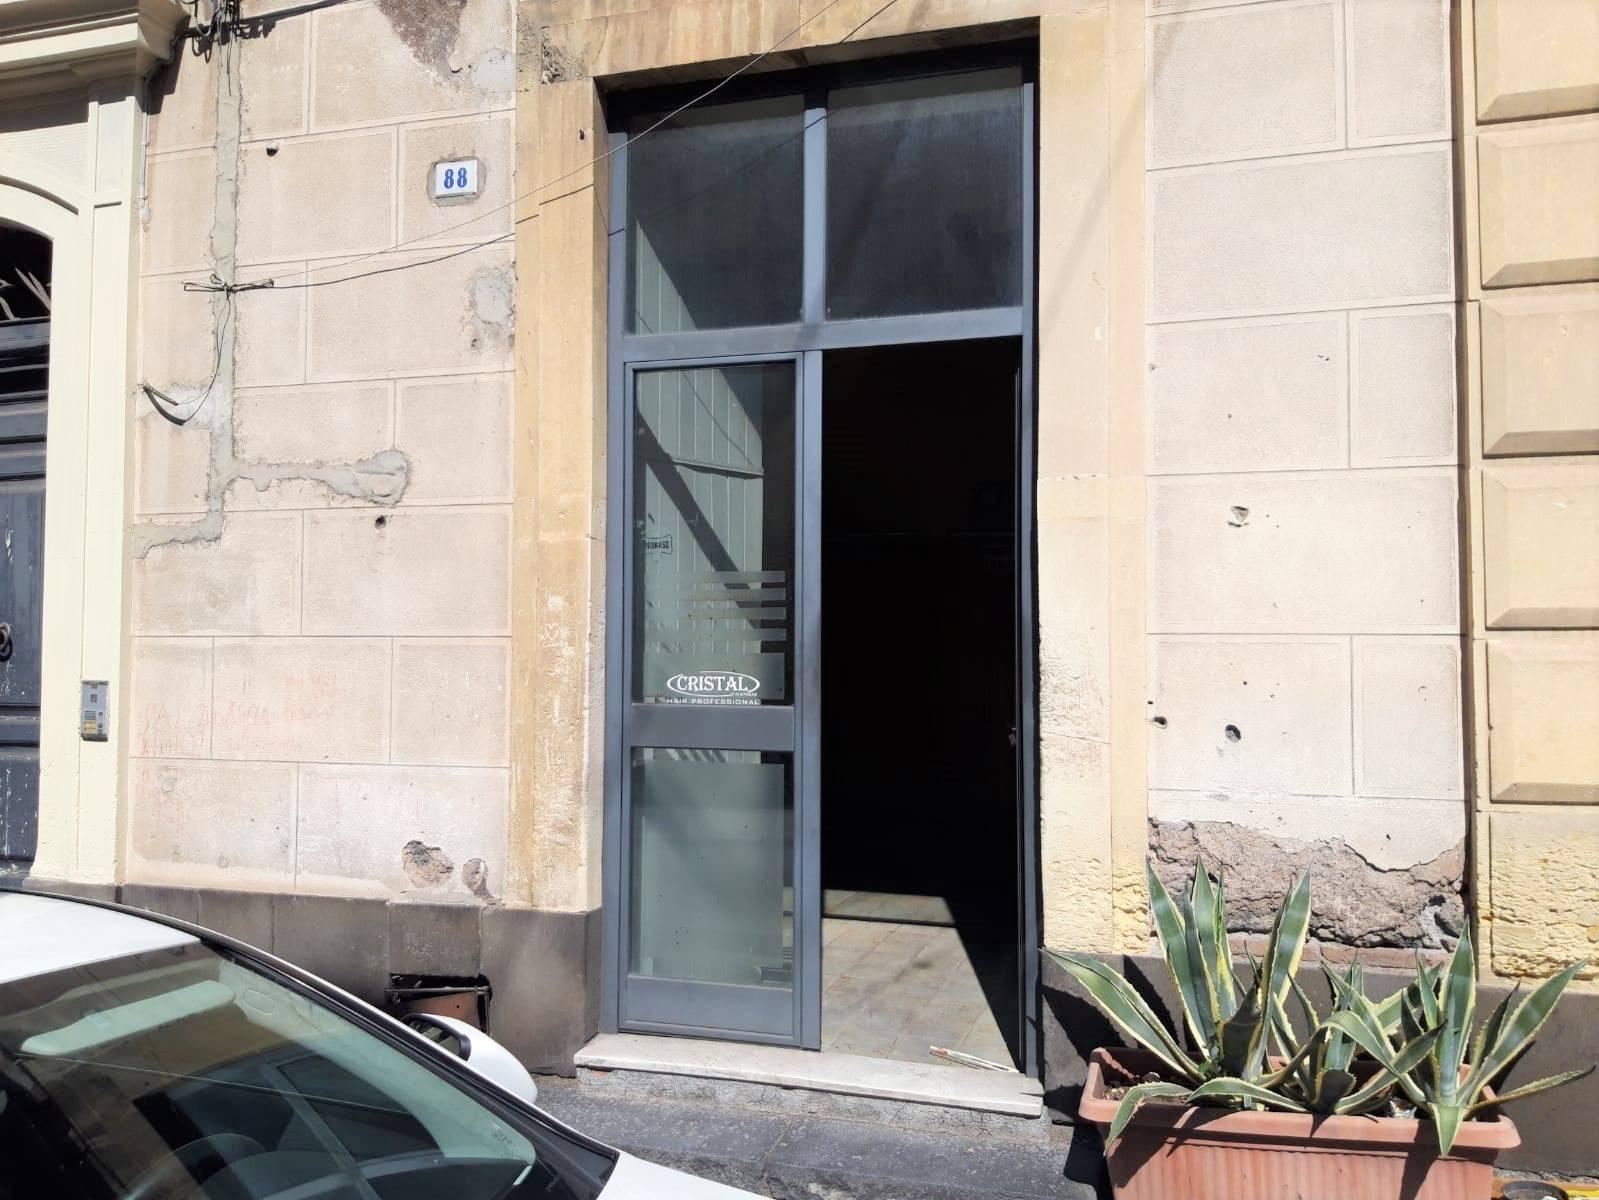 Negozio / Locale in affitto a Belpasso, 2 locali, prezzo € 400 | CambioCasa.it